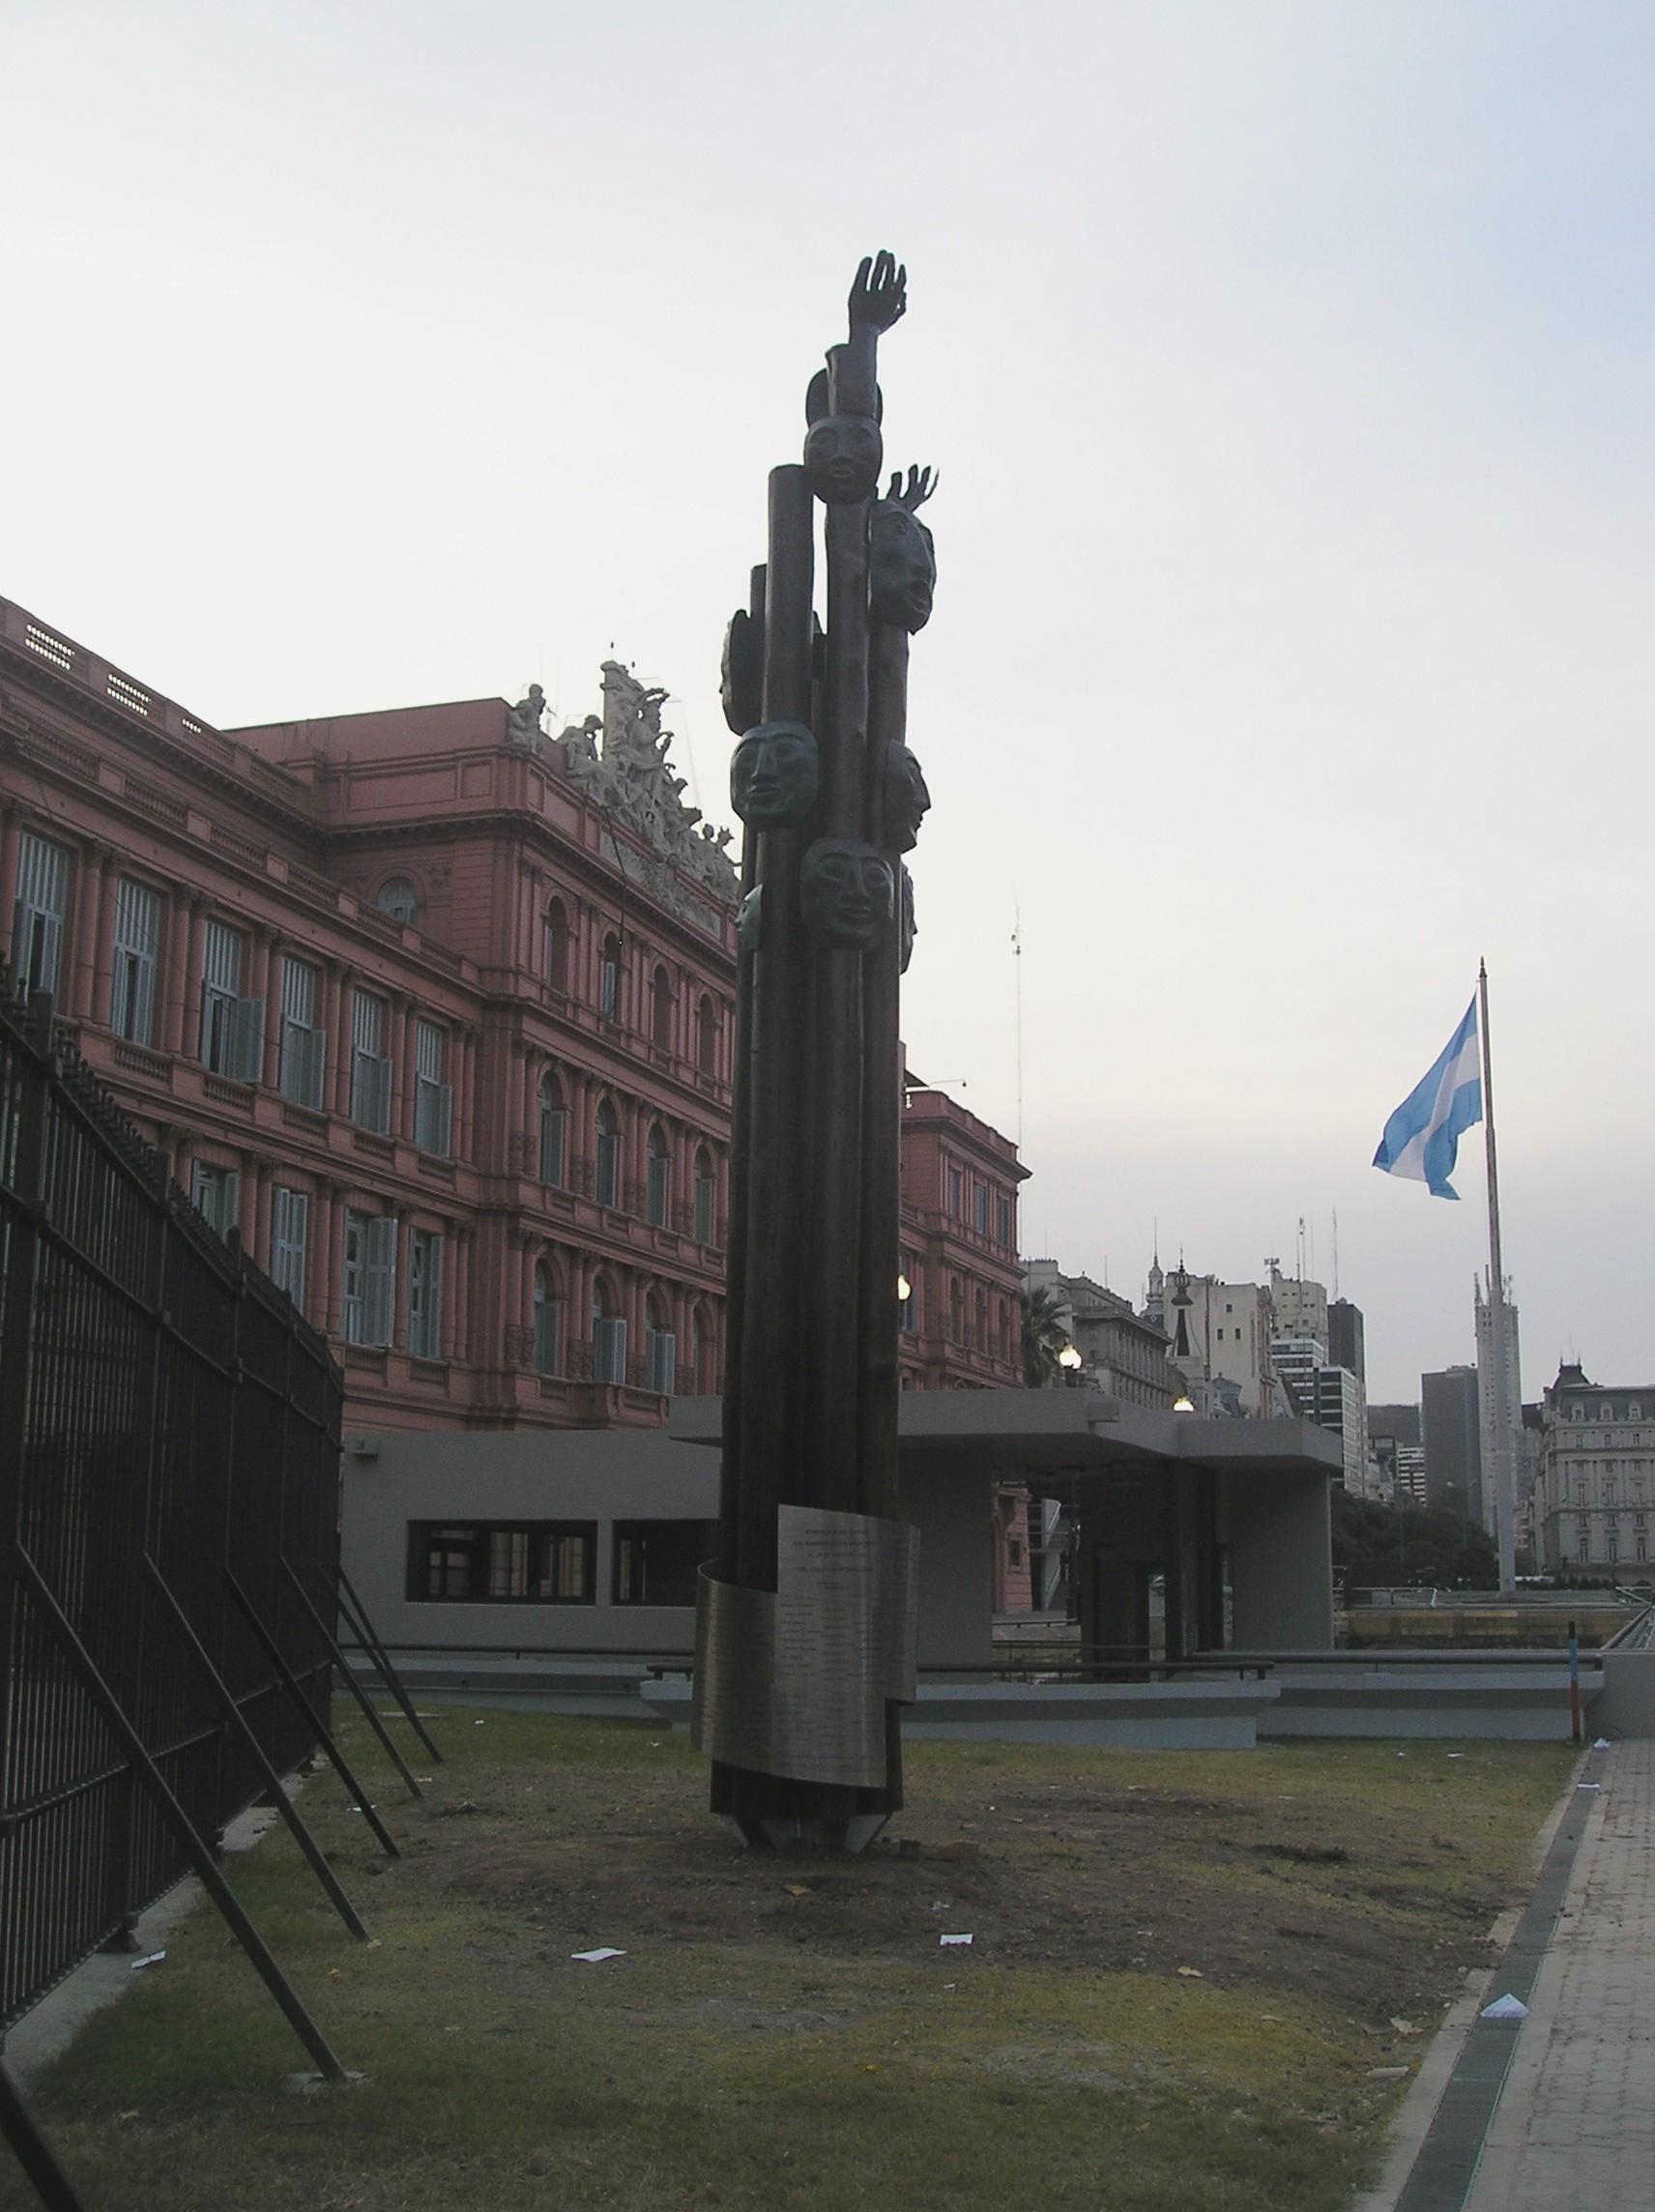 El reinado de la careta en la Argentina - Página 4 Monumento_a_las_v%C3%ADctimas_de_los_bombardeos_de_Plaza_de_Mayo_de_1955_(2)